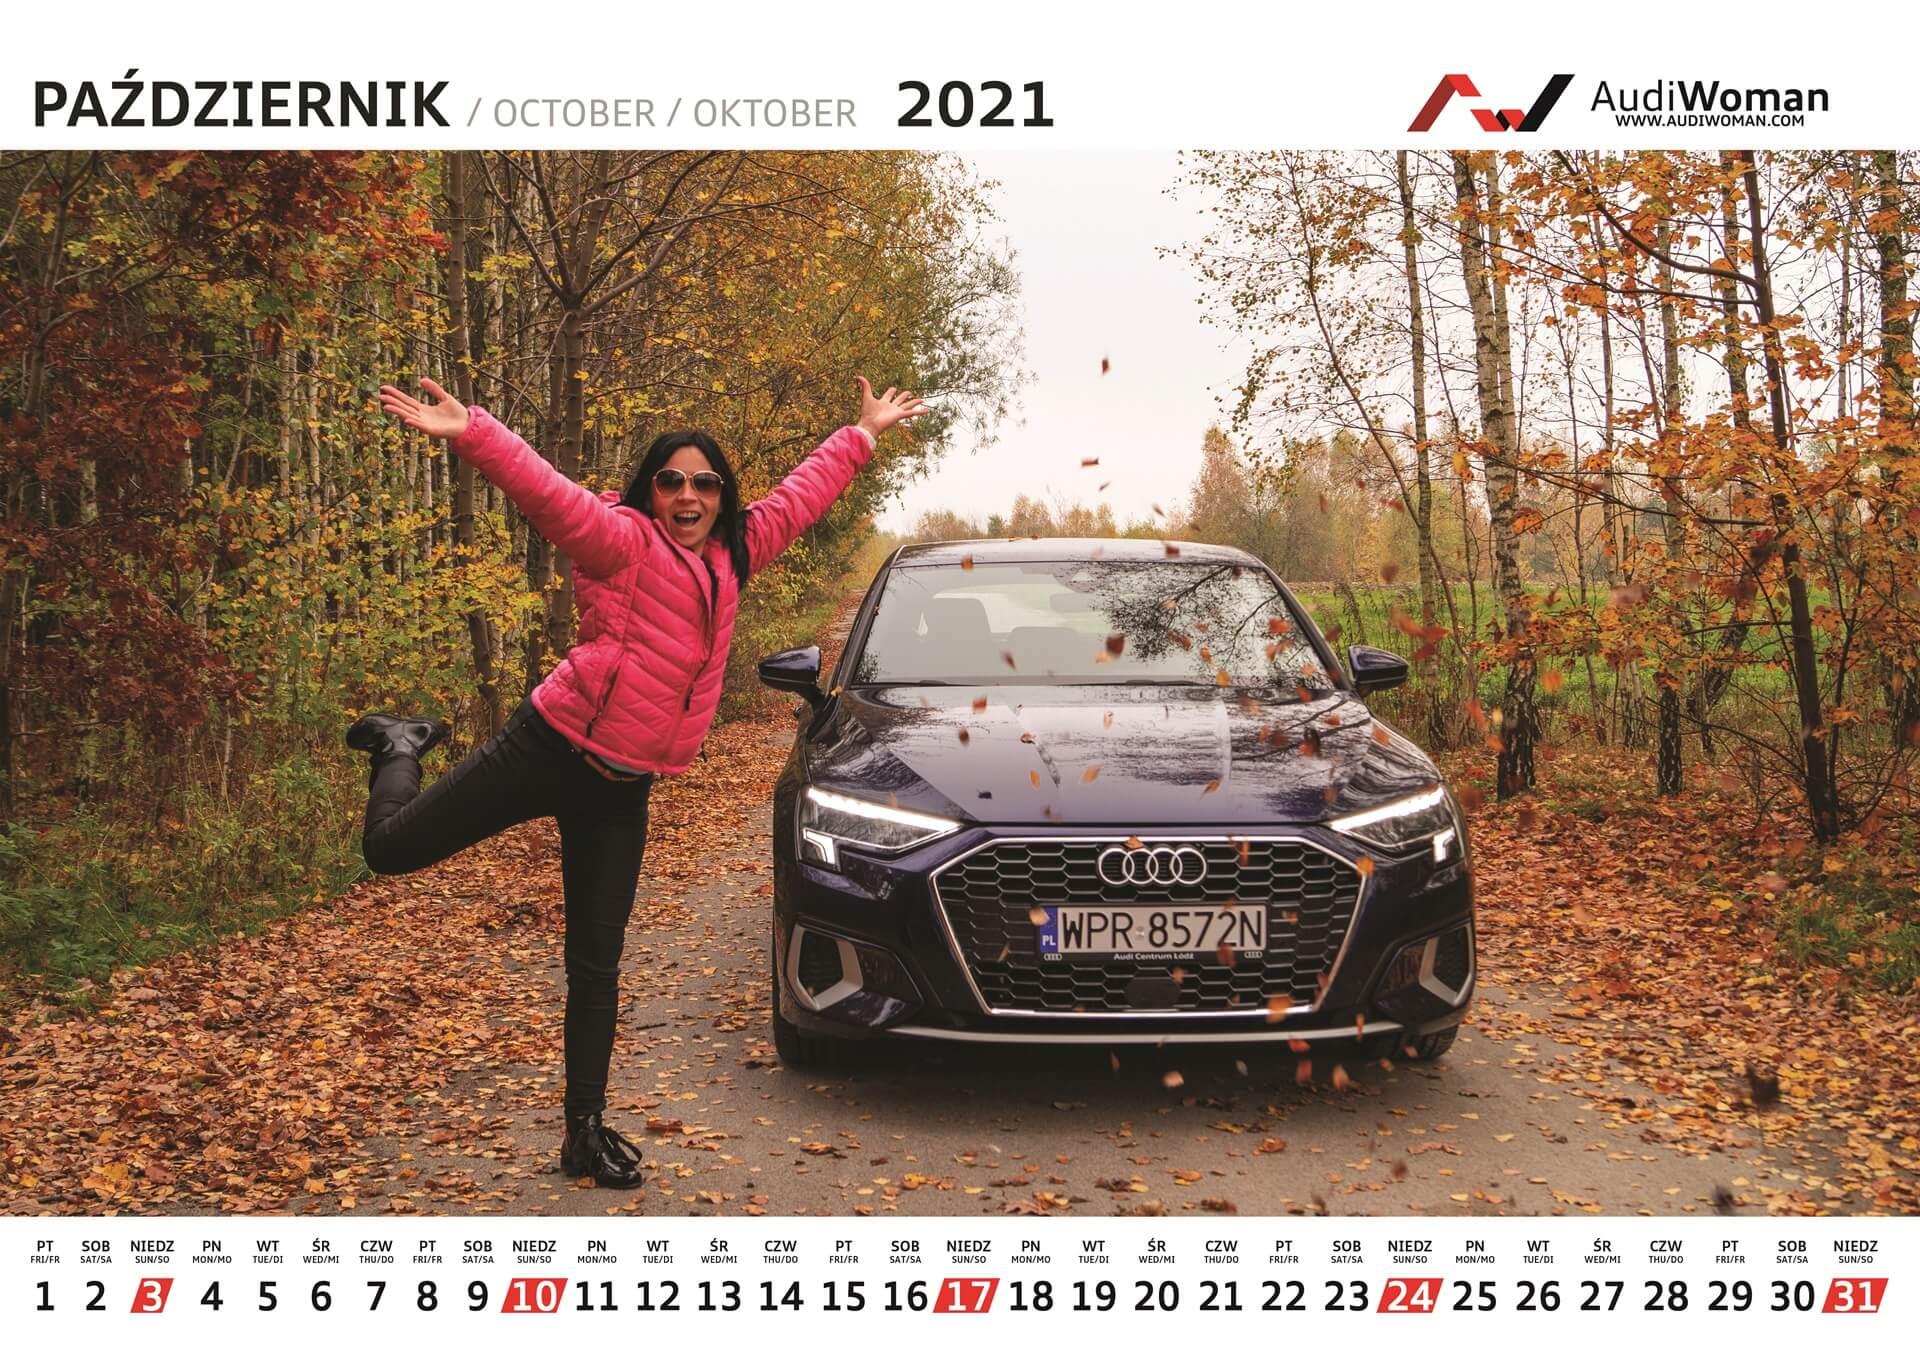 Kalendarz Audi Woman 2021r